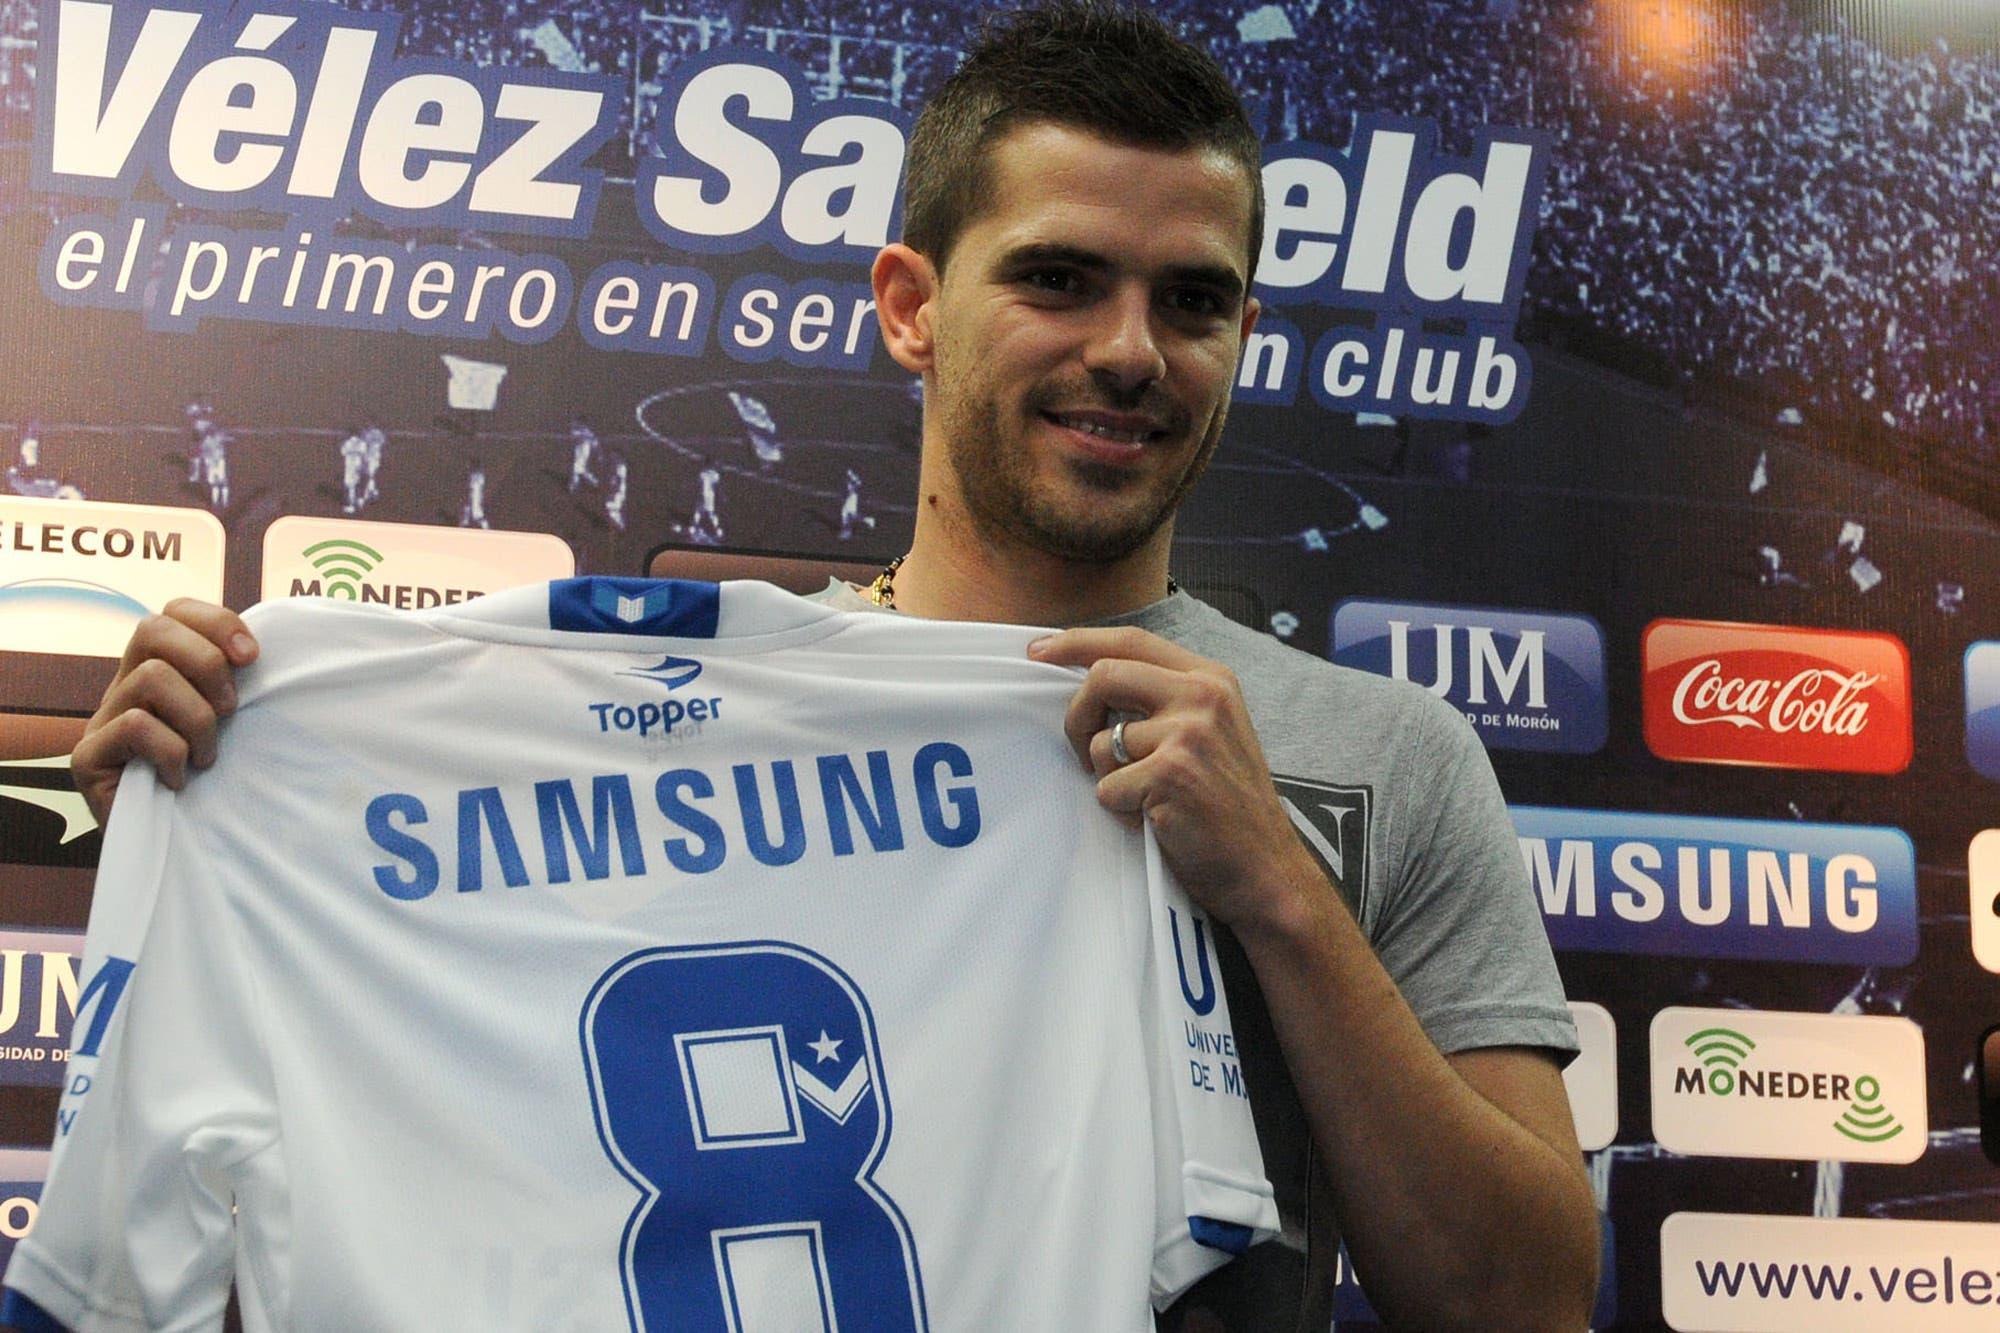 De pie otra vez: Fernando Gago se recuperó de una grave lesión y volverá a jugar en Vélez